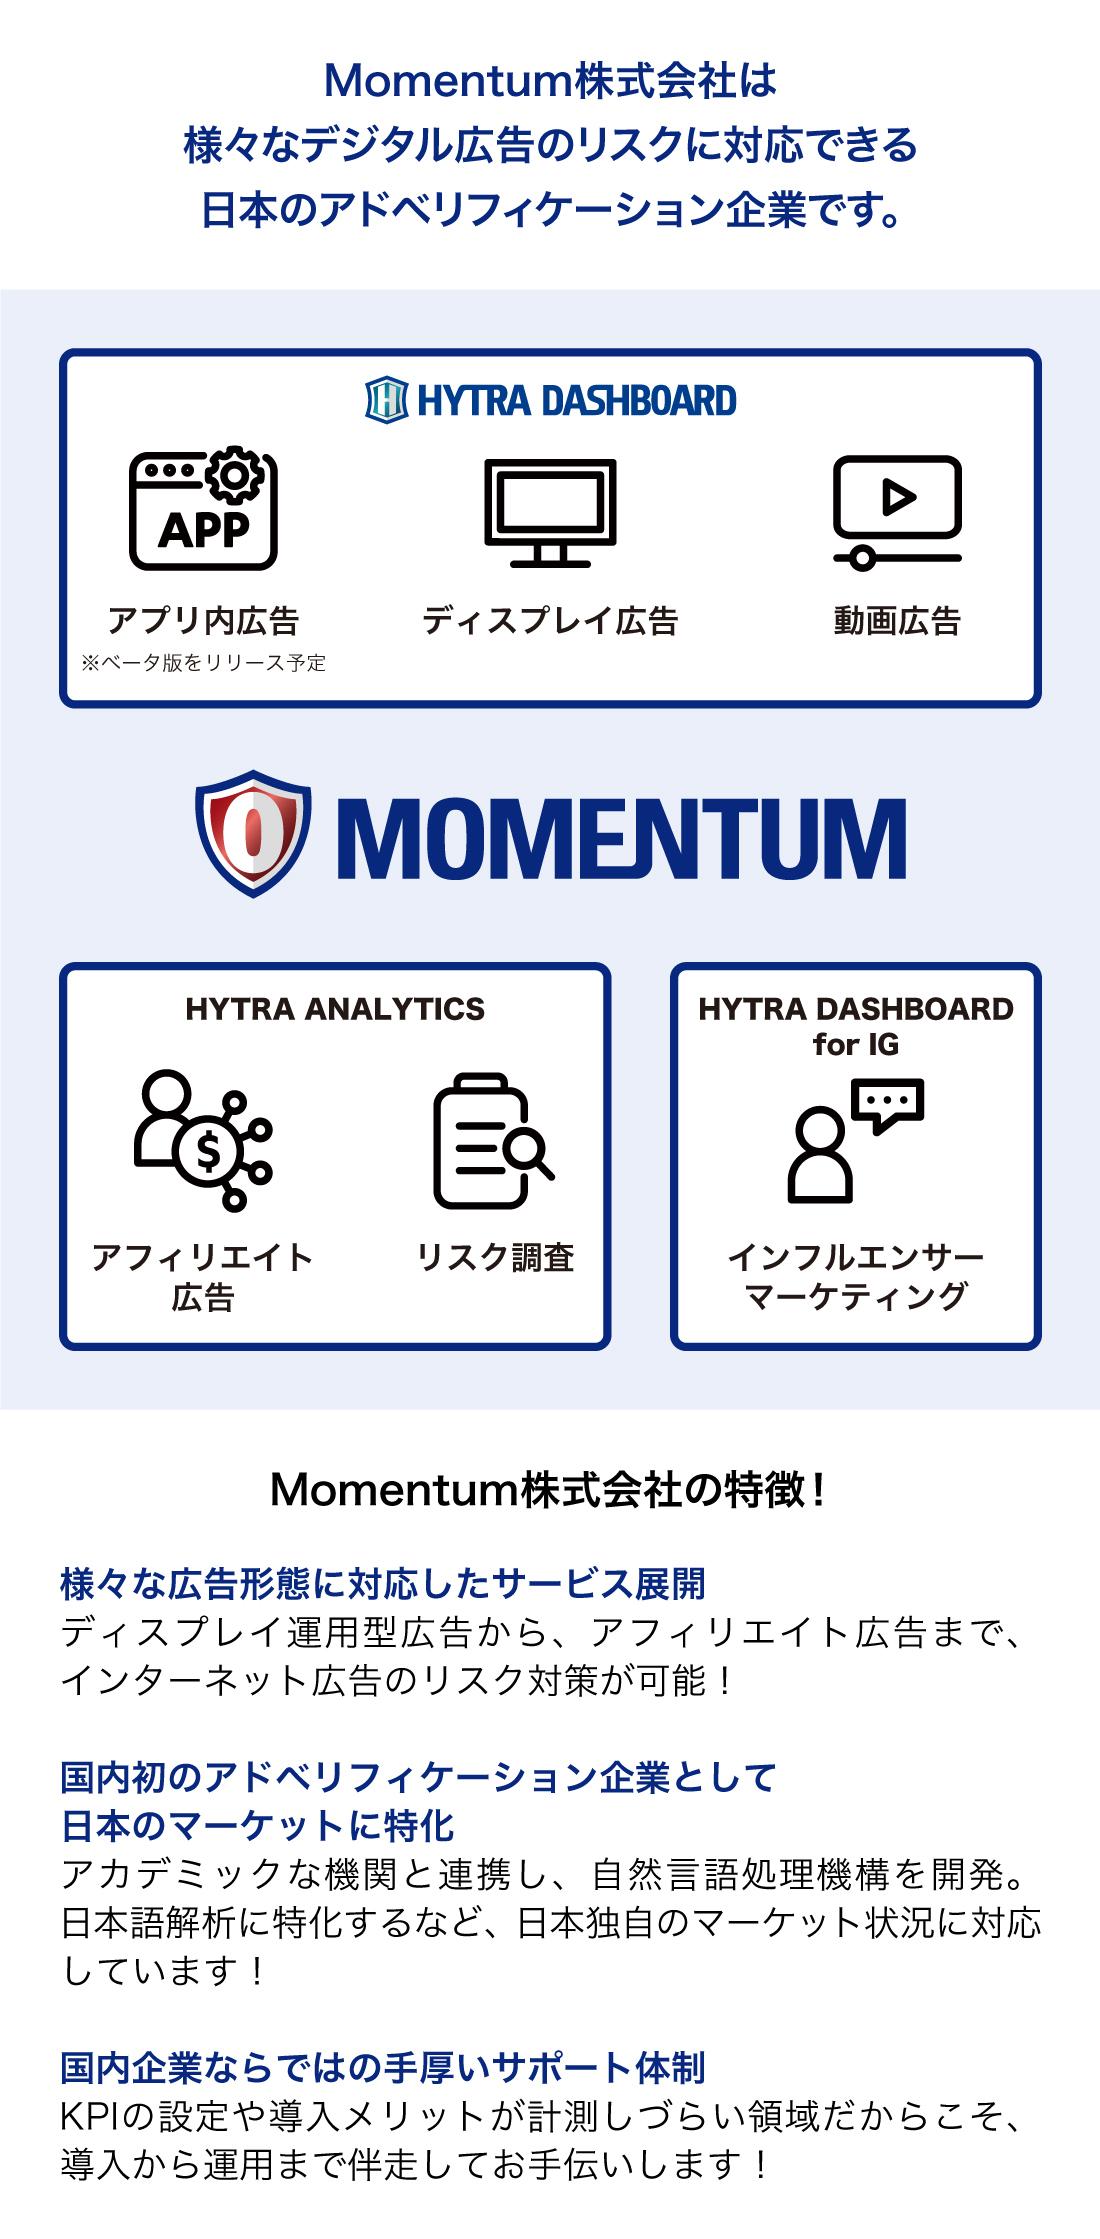 Momentumの説明 (1)